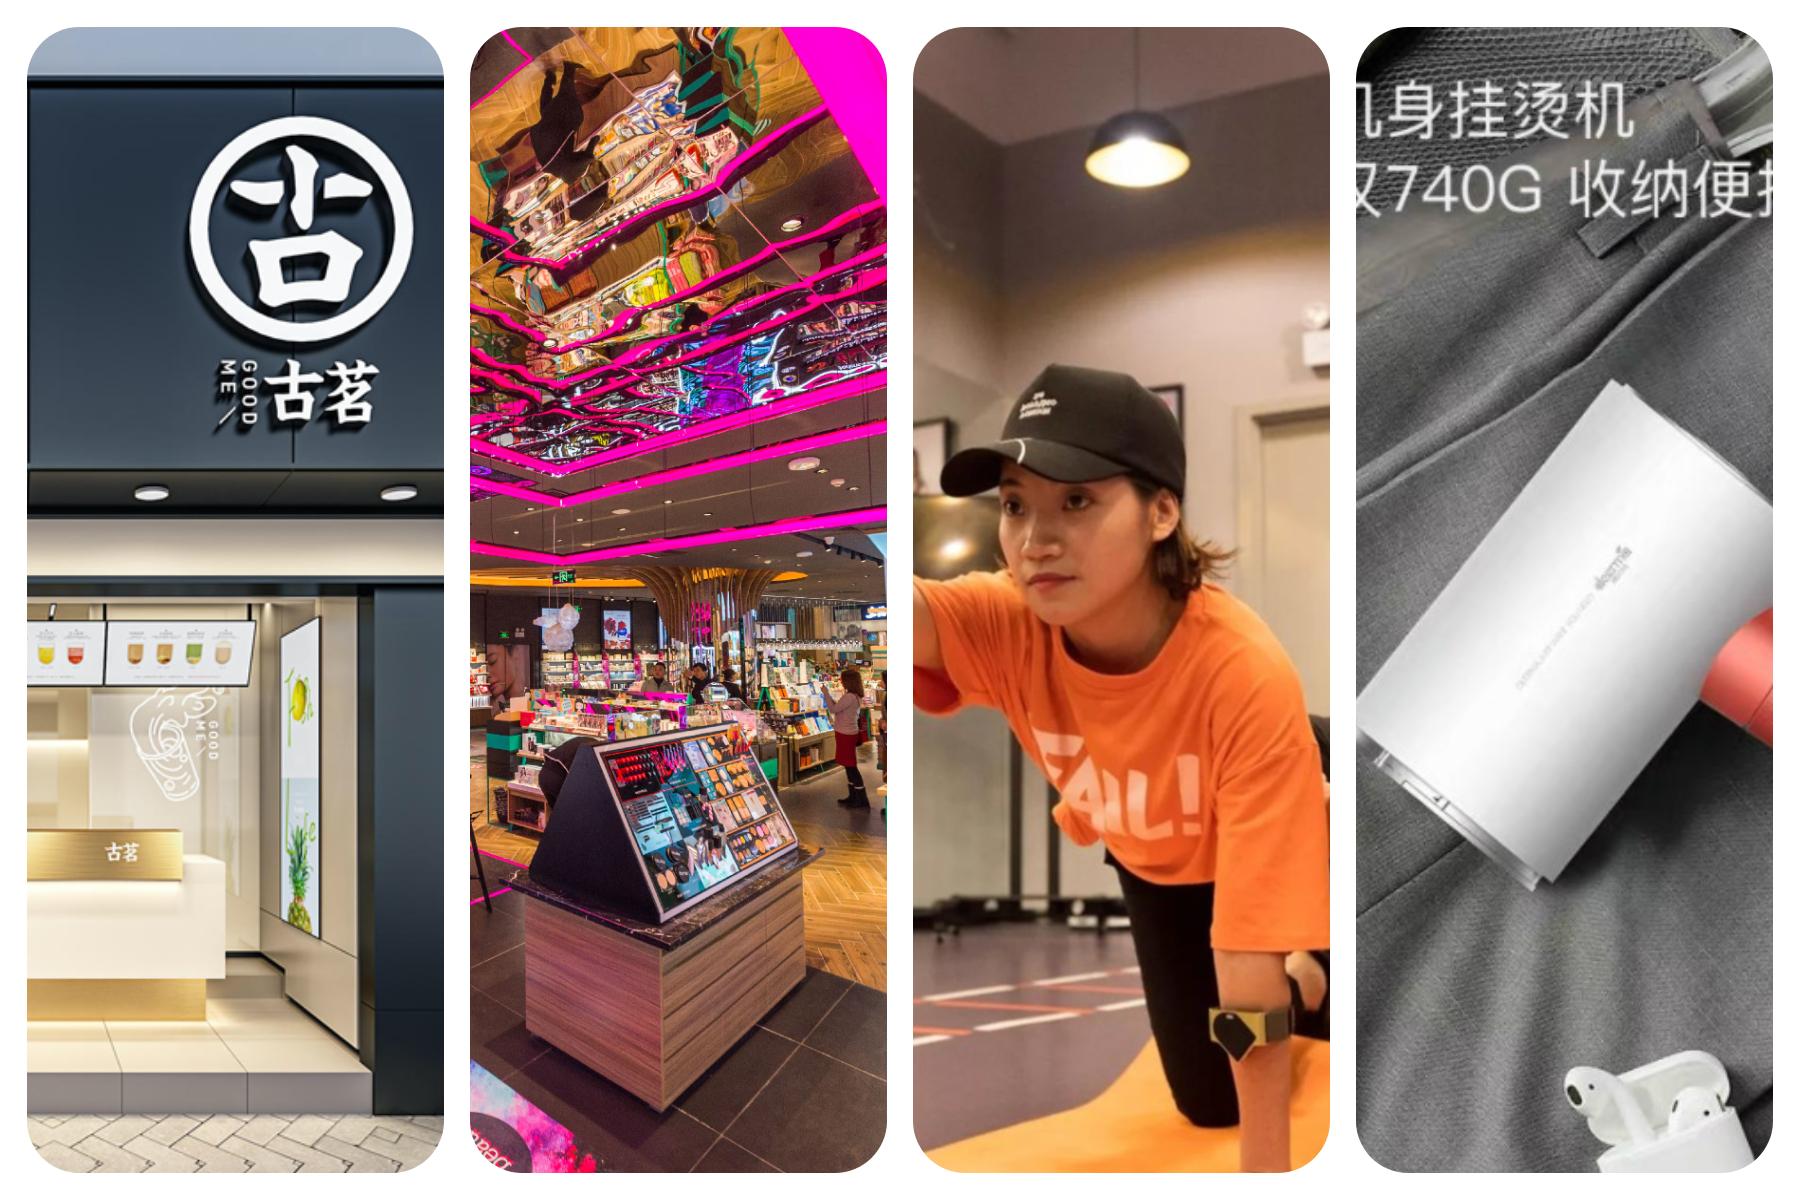 【华丽中国投资周报】2020/07/03~2020/07/10